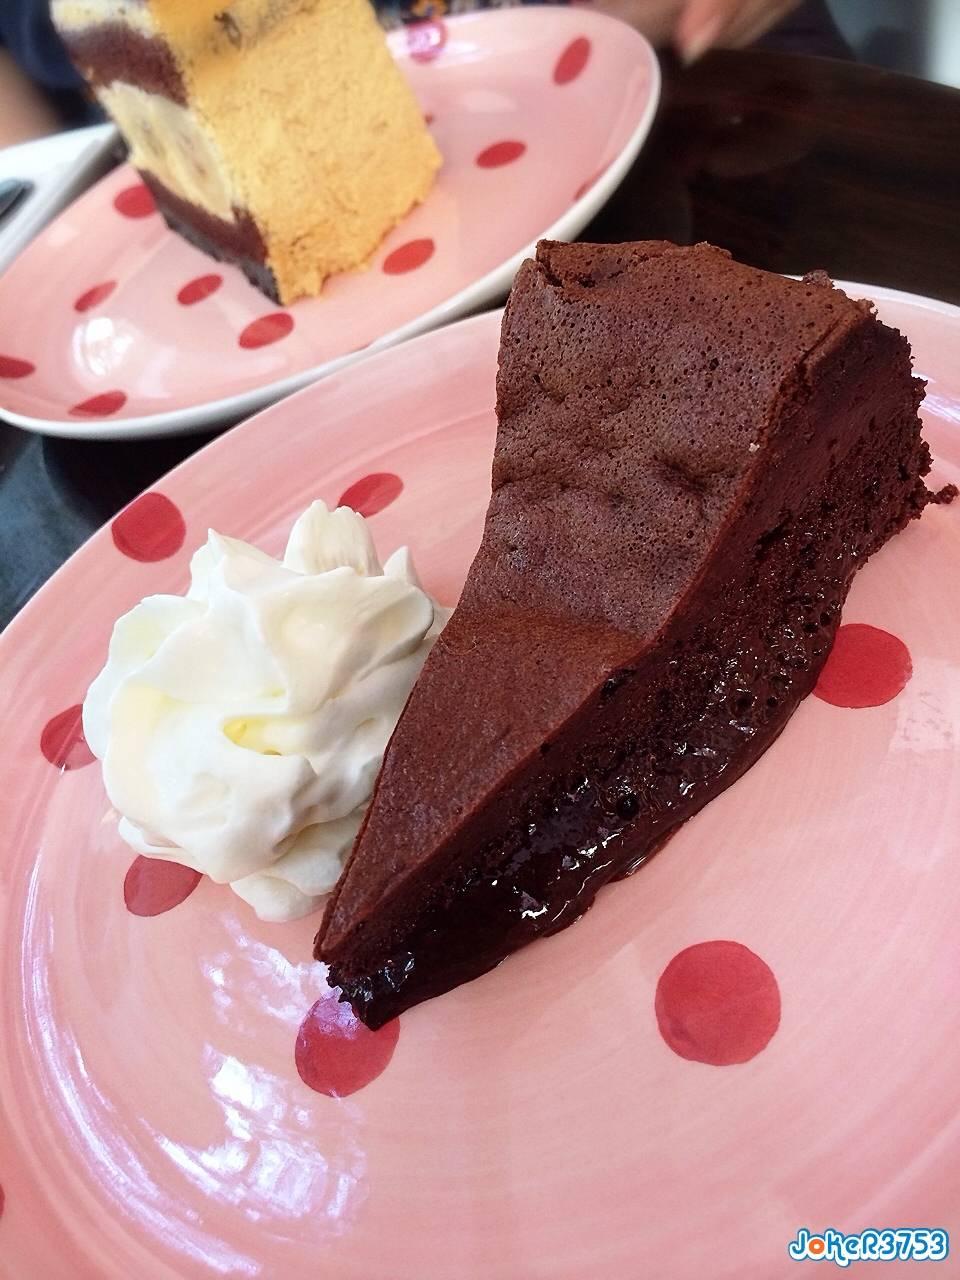 French Chocolate Cake ถ้าได้ทานมีฟิน ที่ ร้านอาหาร Cherubin Chocolate Bakery